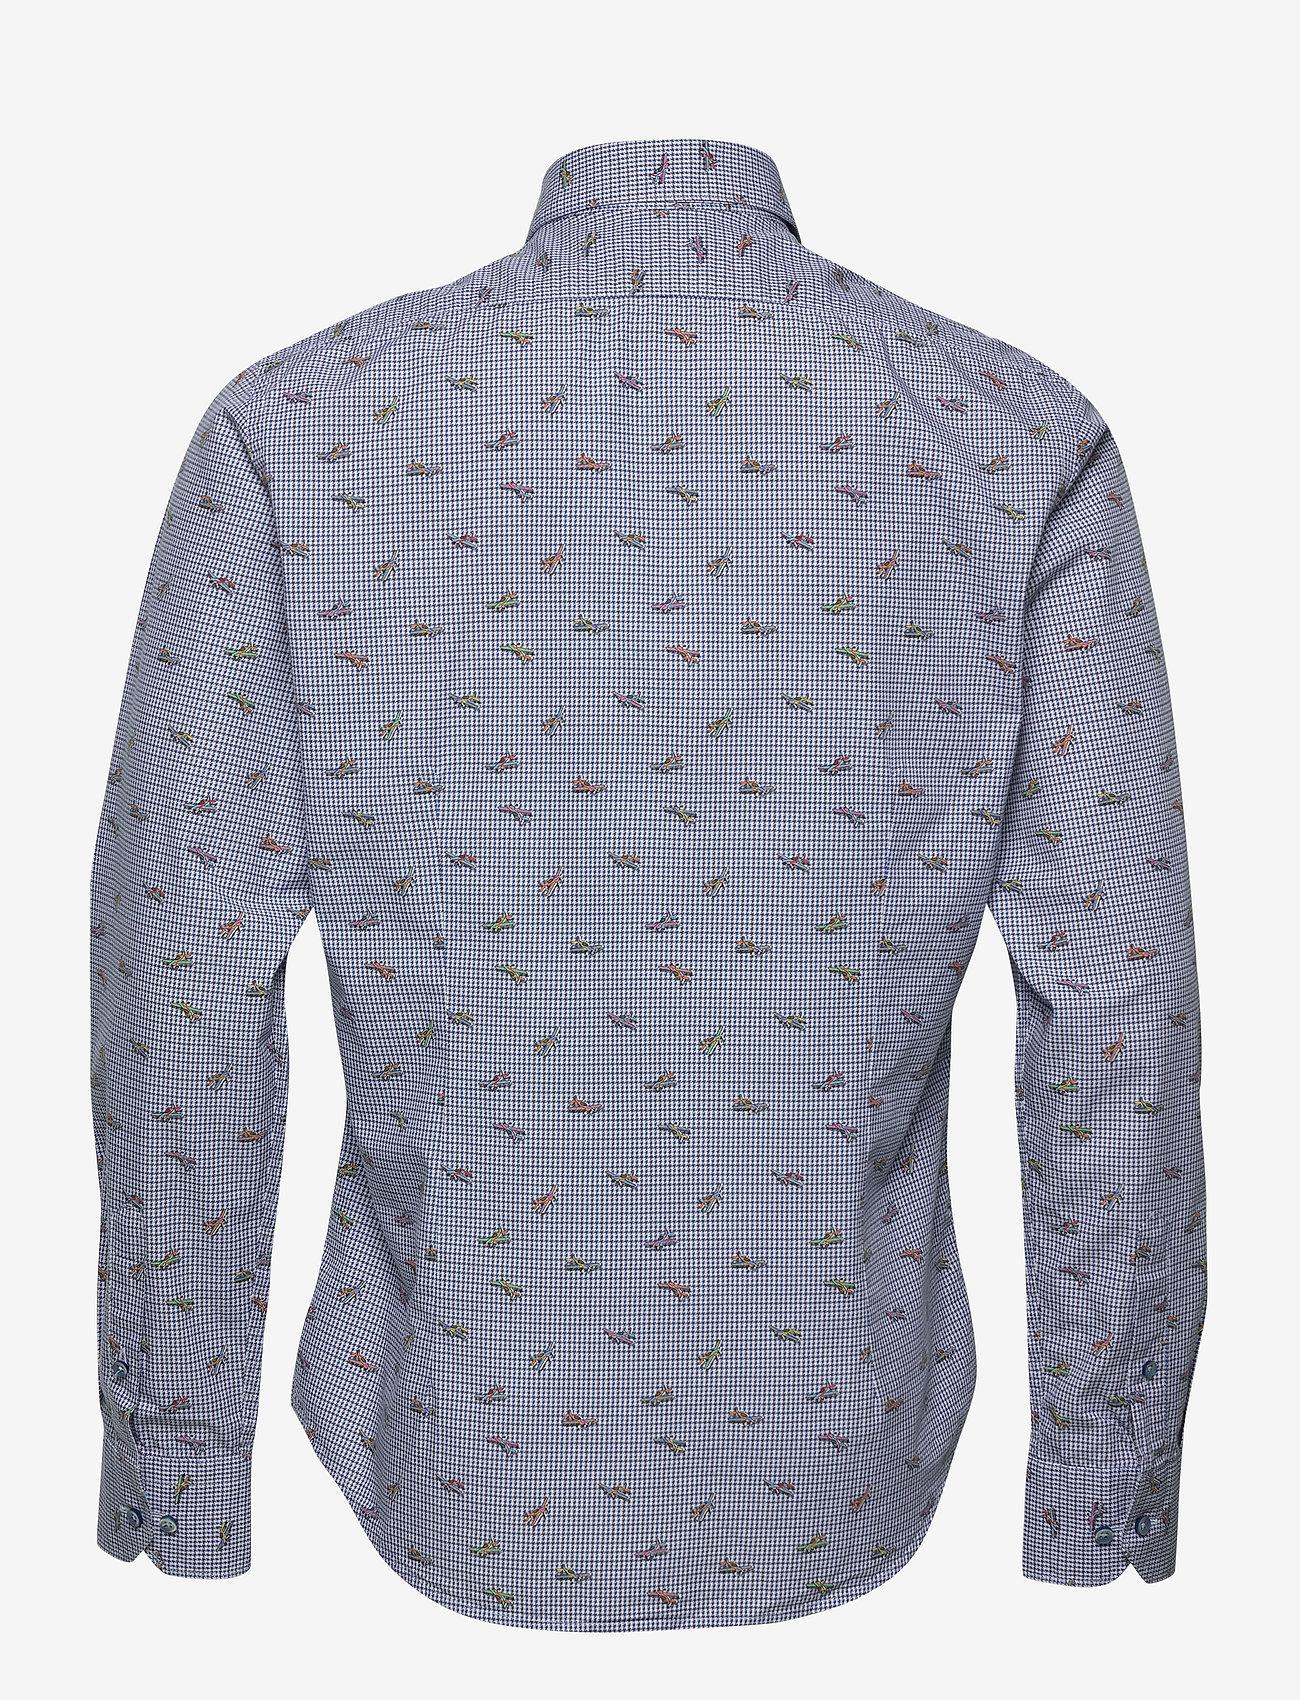 XO Shirtmaker by Sand Copenhagen 8646 - Gordy SC - Skjorter MEDIUM BLUE - Menn Klær